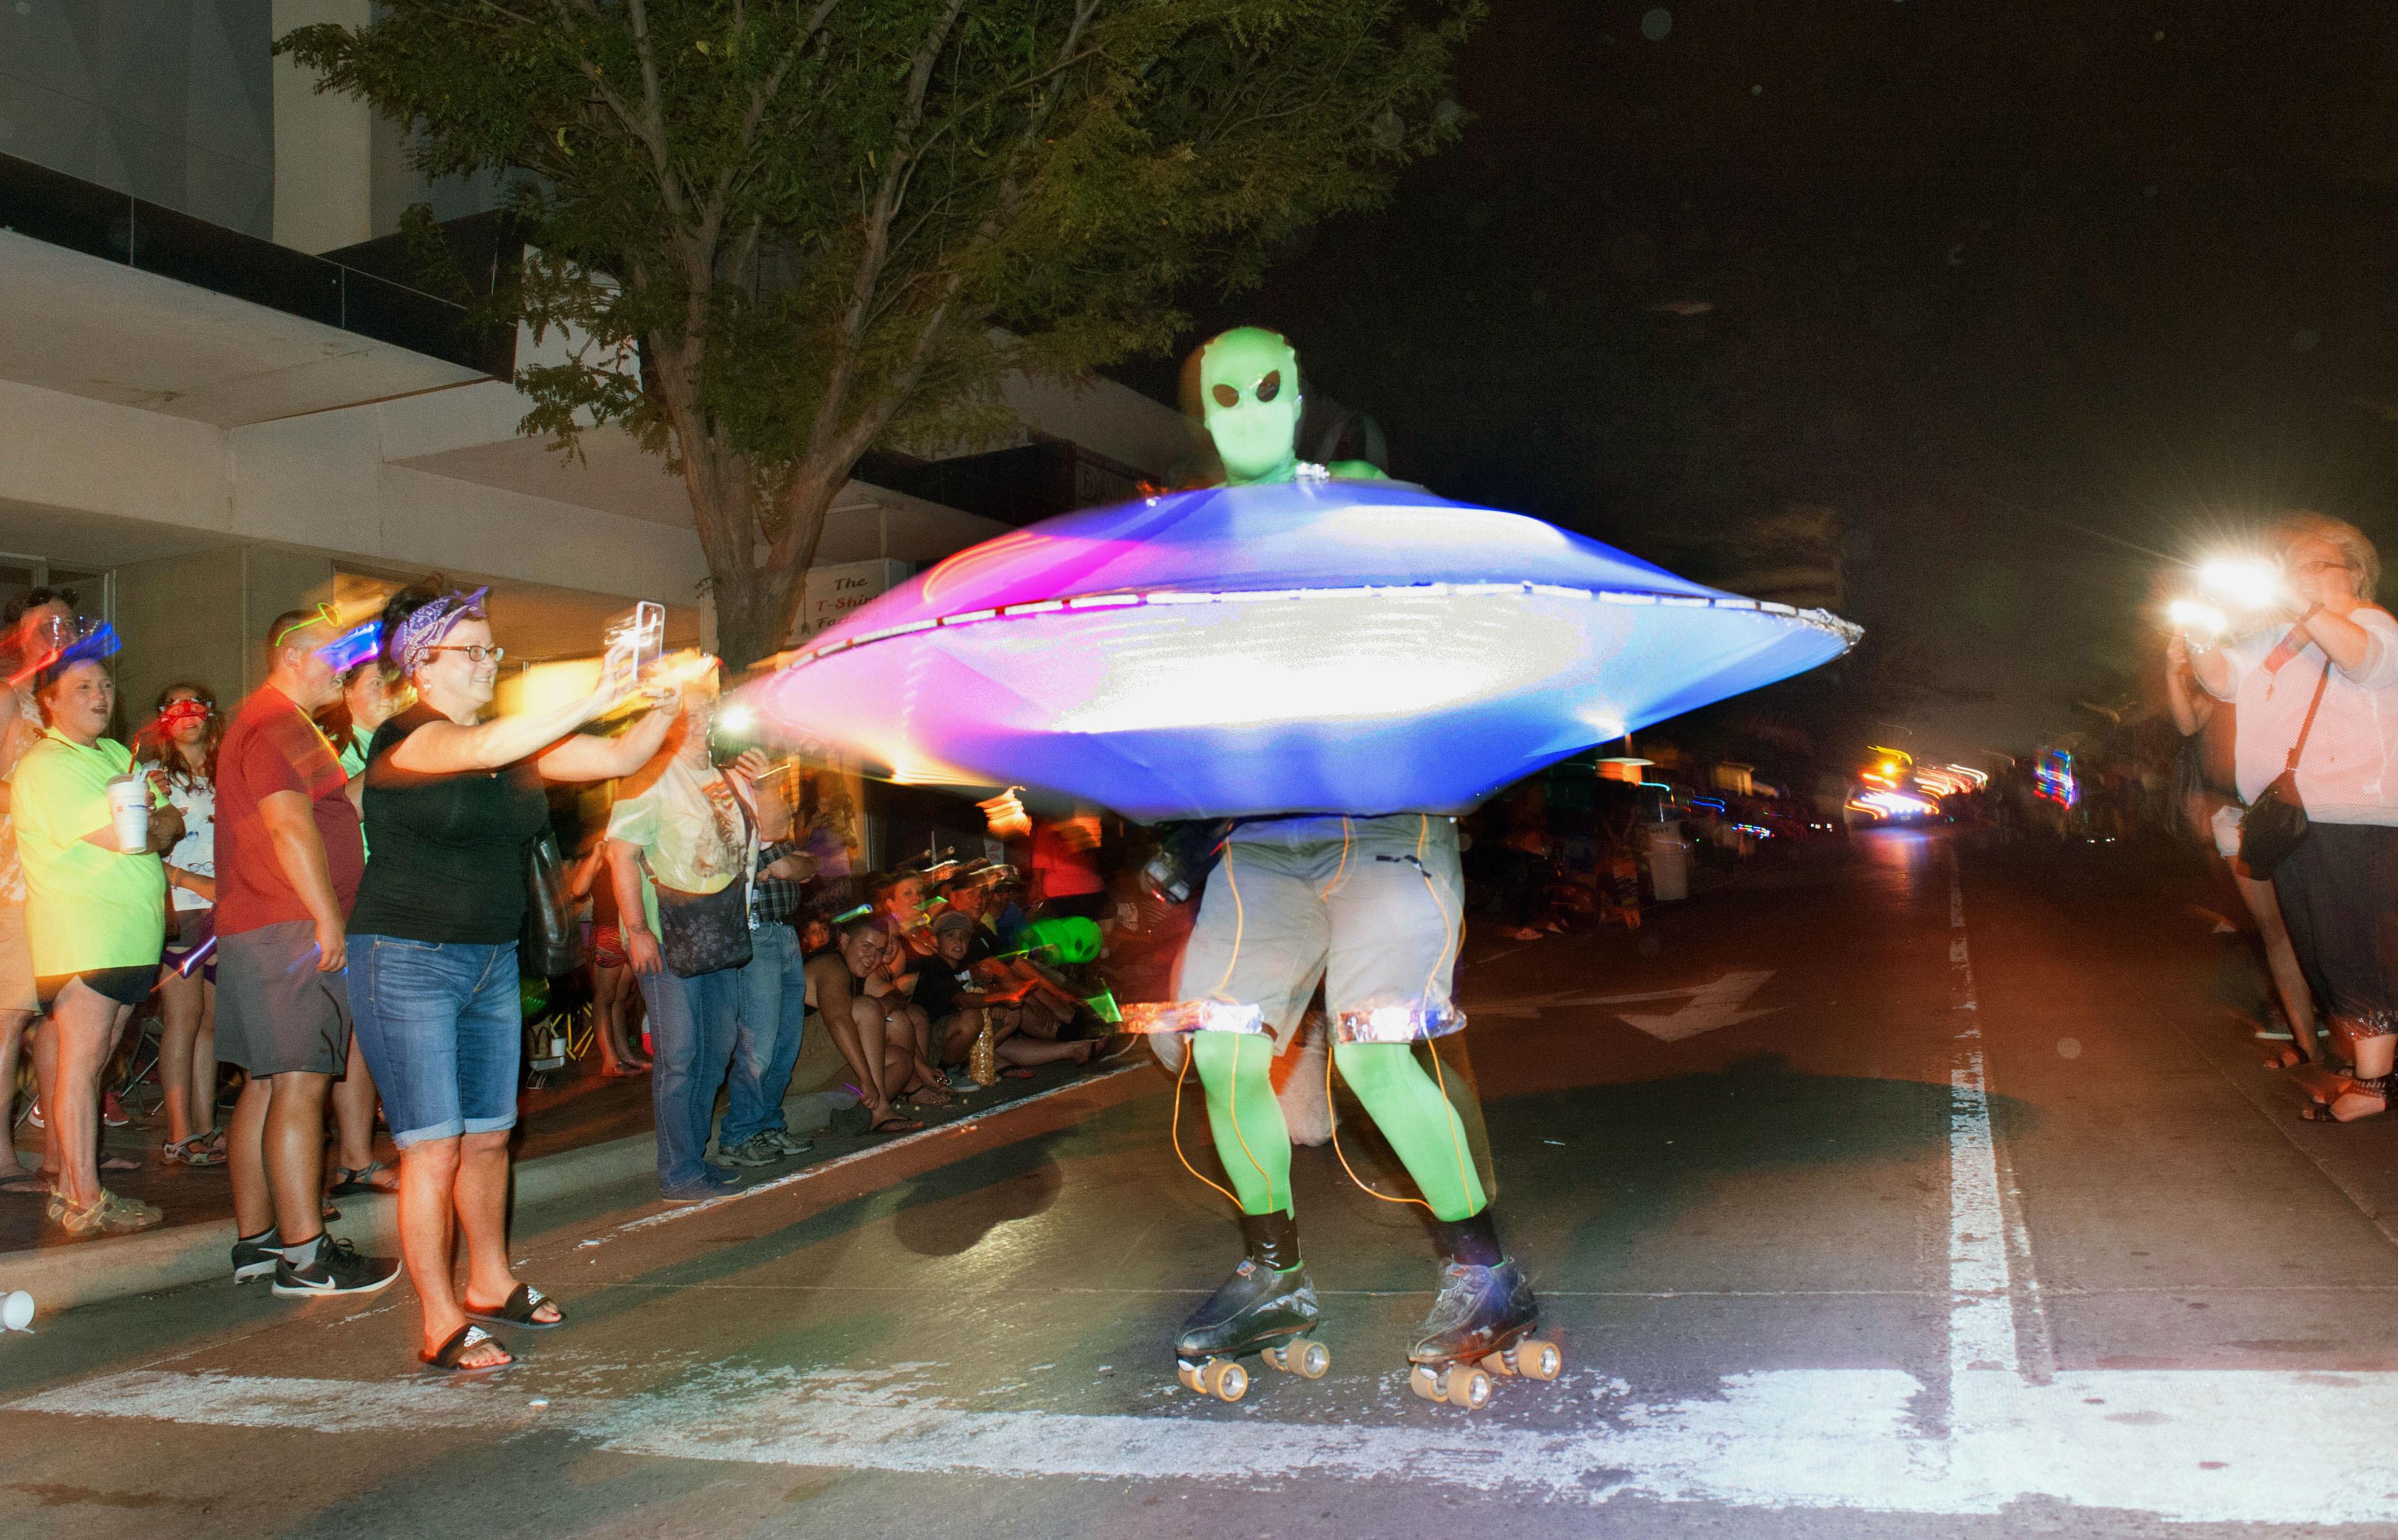 照明を落とした、フェスティバル恒例の夜のパレード。暗闇から宇宙人が次々に現れ、ローラースケートのUFO男にとりわけ大きな歓声が上がった=米ニューメキシコ州ロズウェル(撮影・鍋島明子、共同)